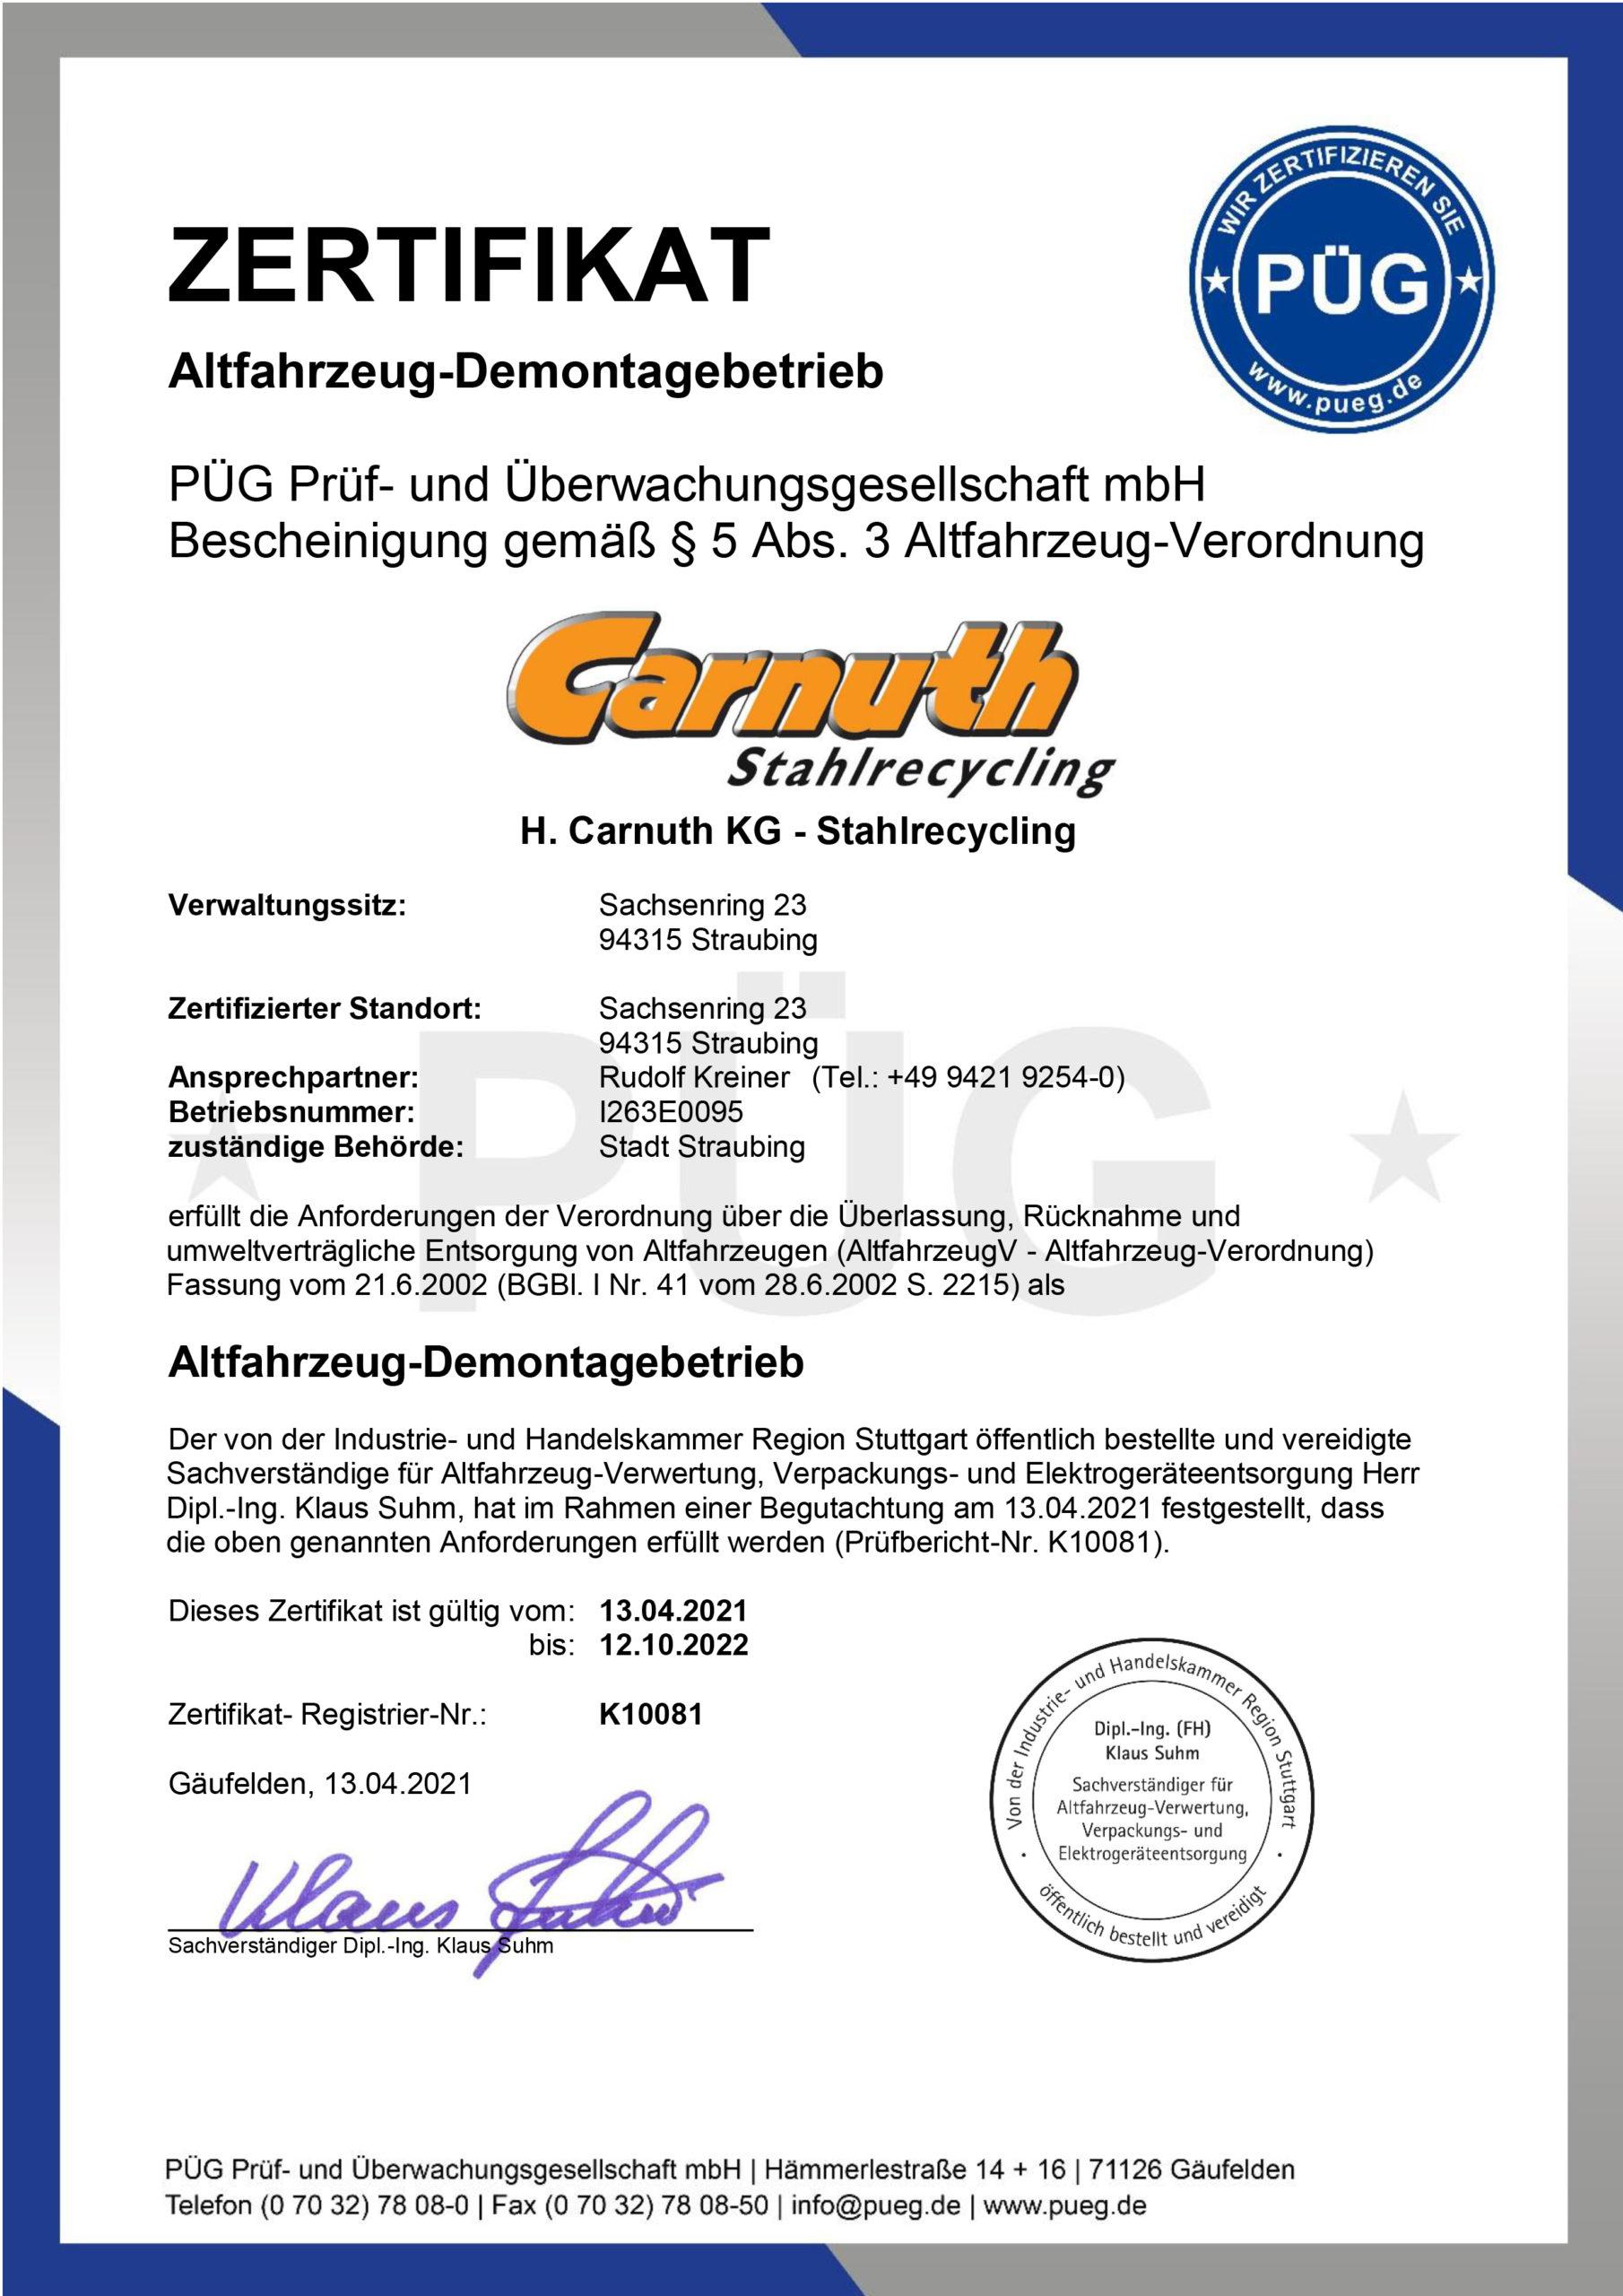 Zertifikat Altfahrzeug-Demontagebetrieb 2019